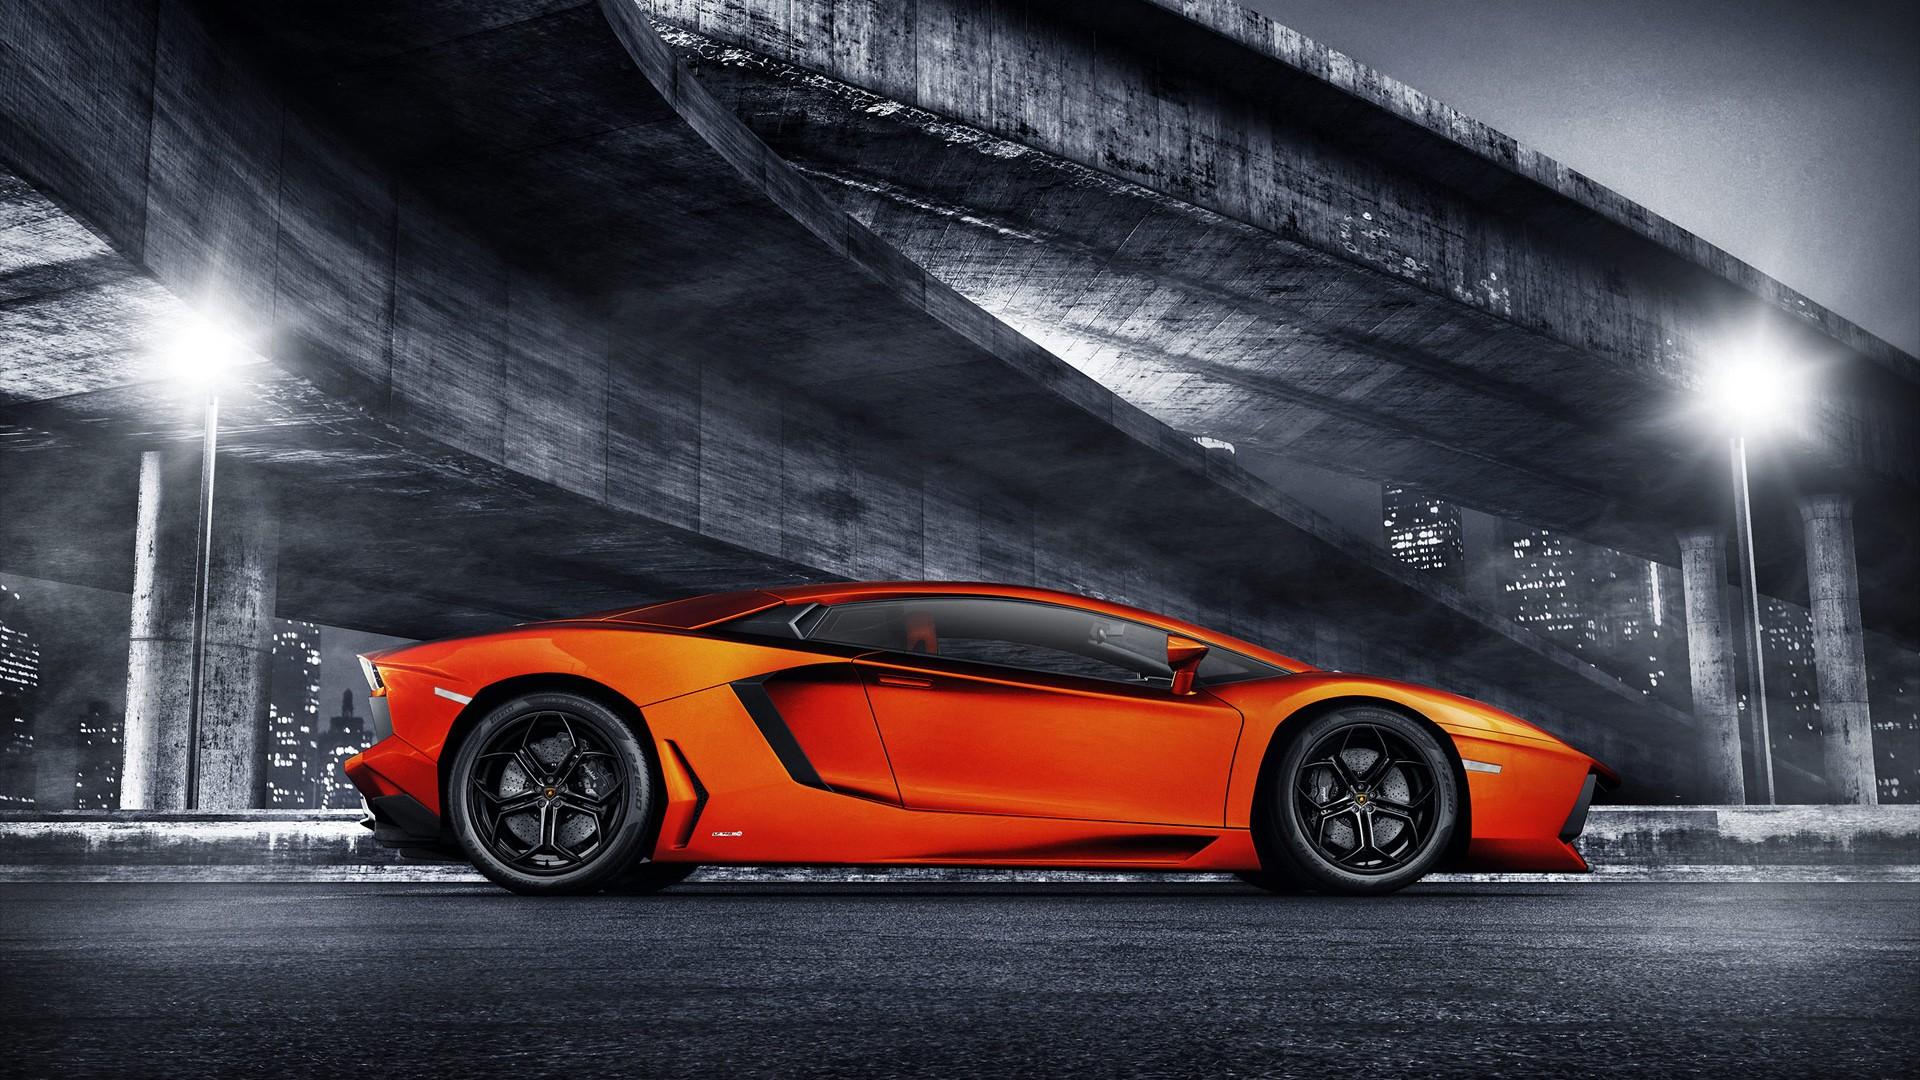 Orange Lamborghini Aventador Wallpaper HD Car Wallpapers